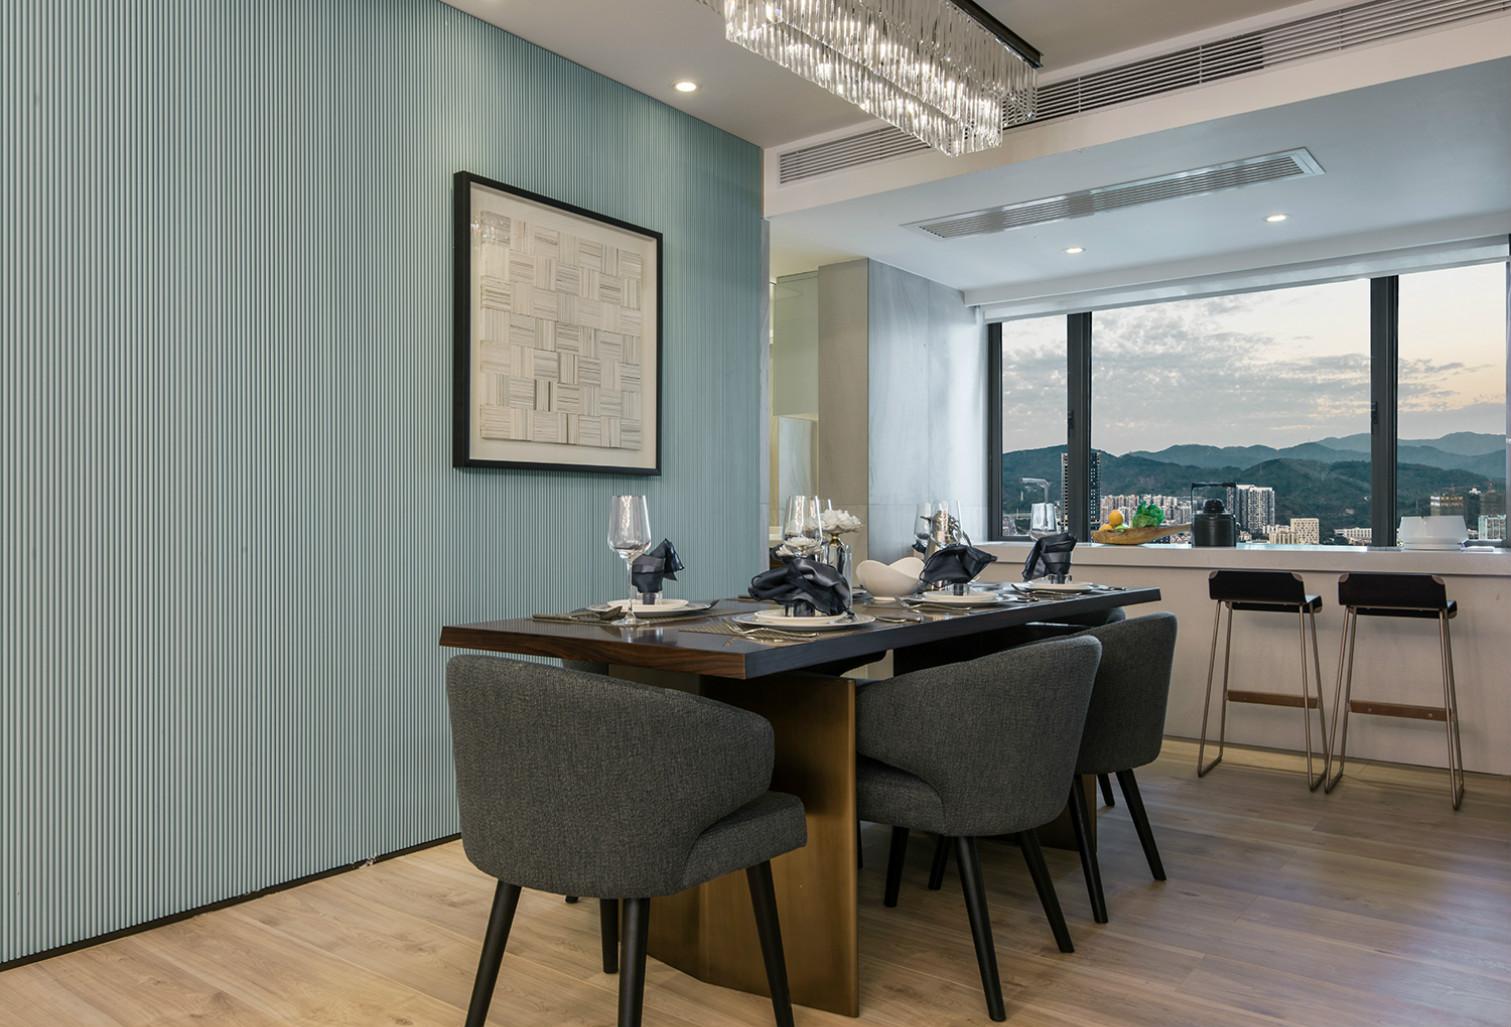 餐厅墙面浅绿色的时尚大气,同时也保留了空间的通透。